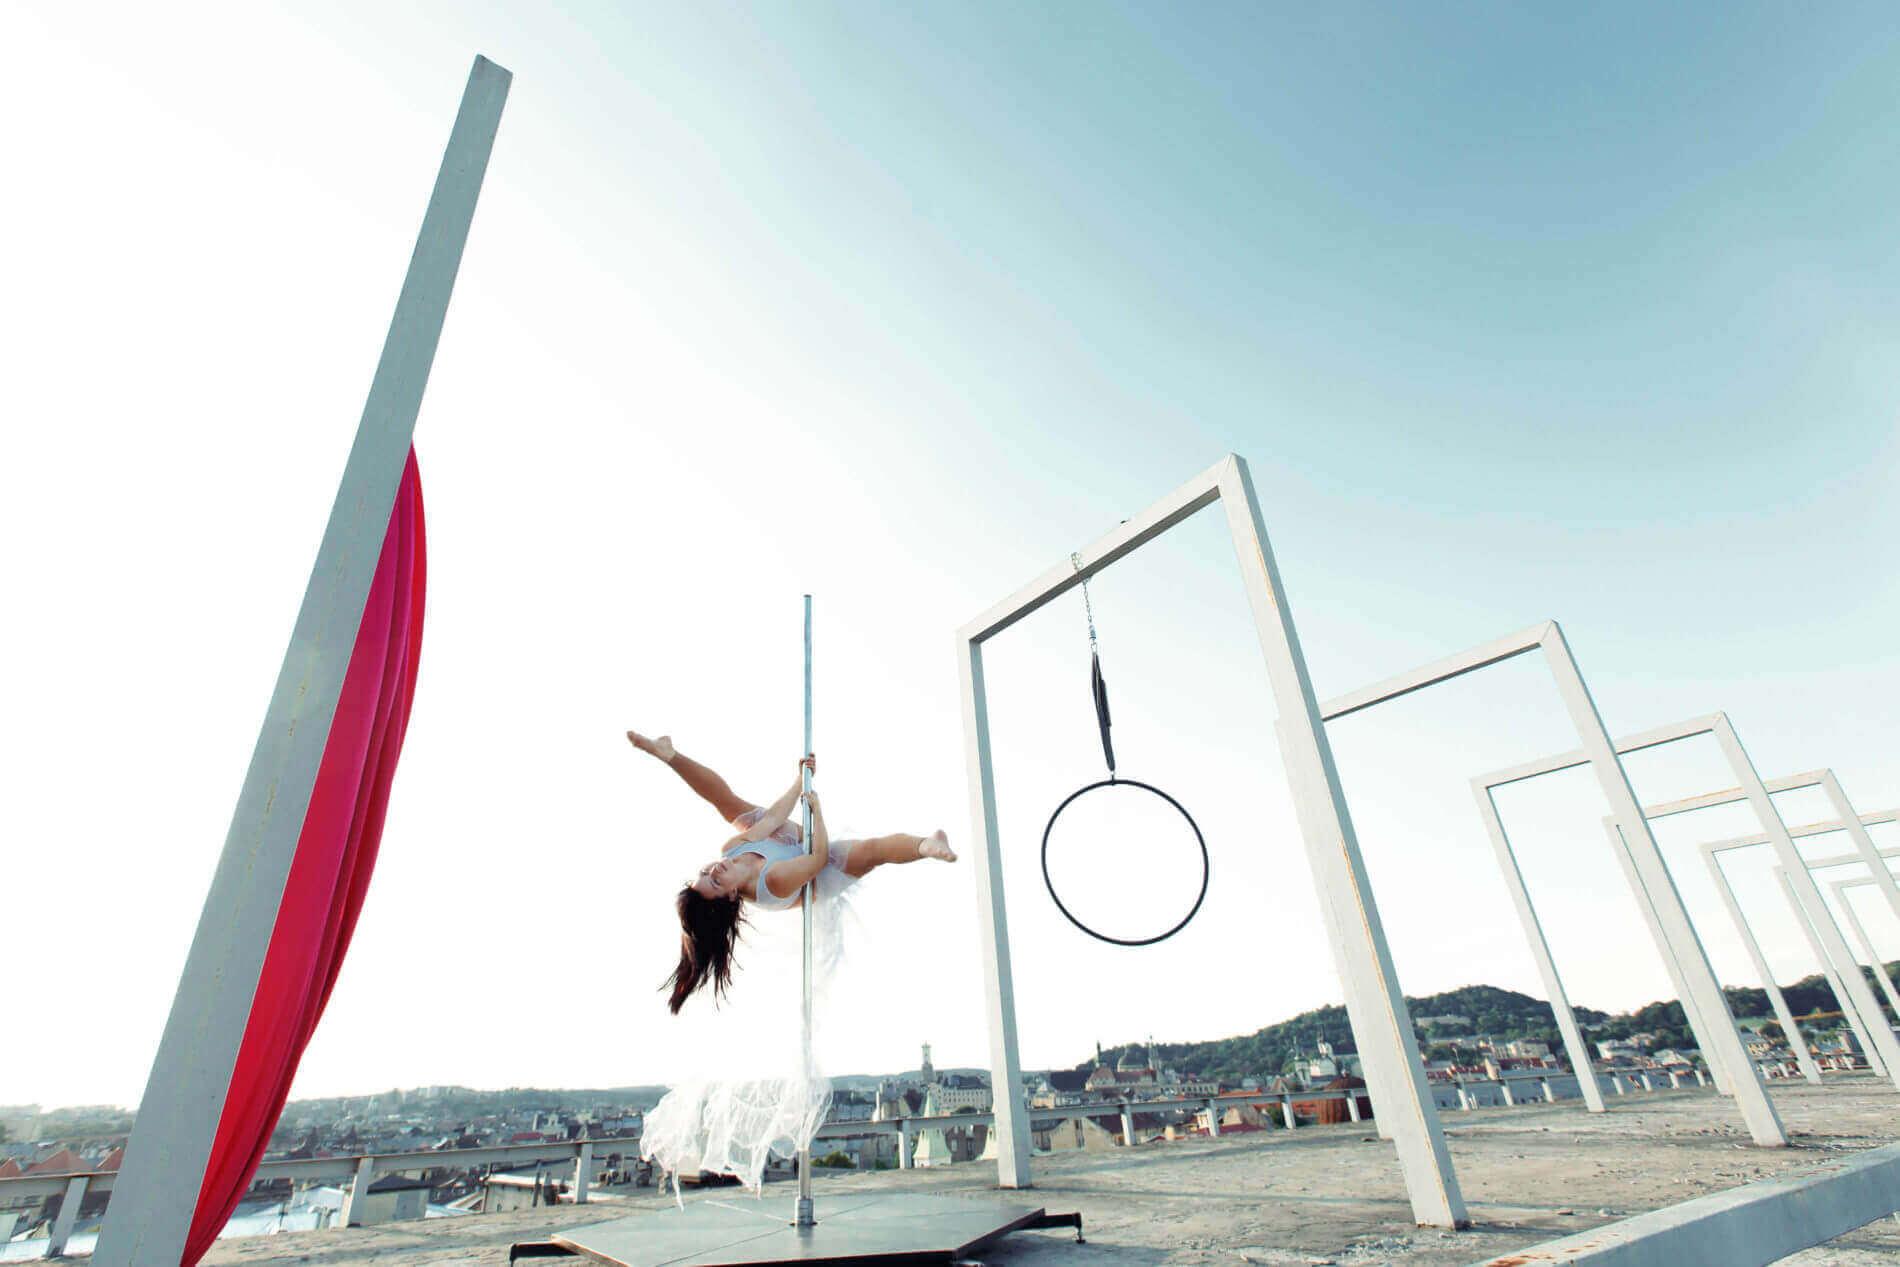 pole dance-sport-la revue de kathleen-blog-lifestyle-voyage-paris